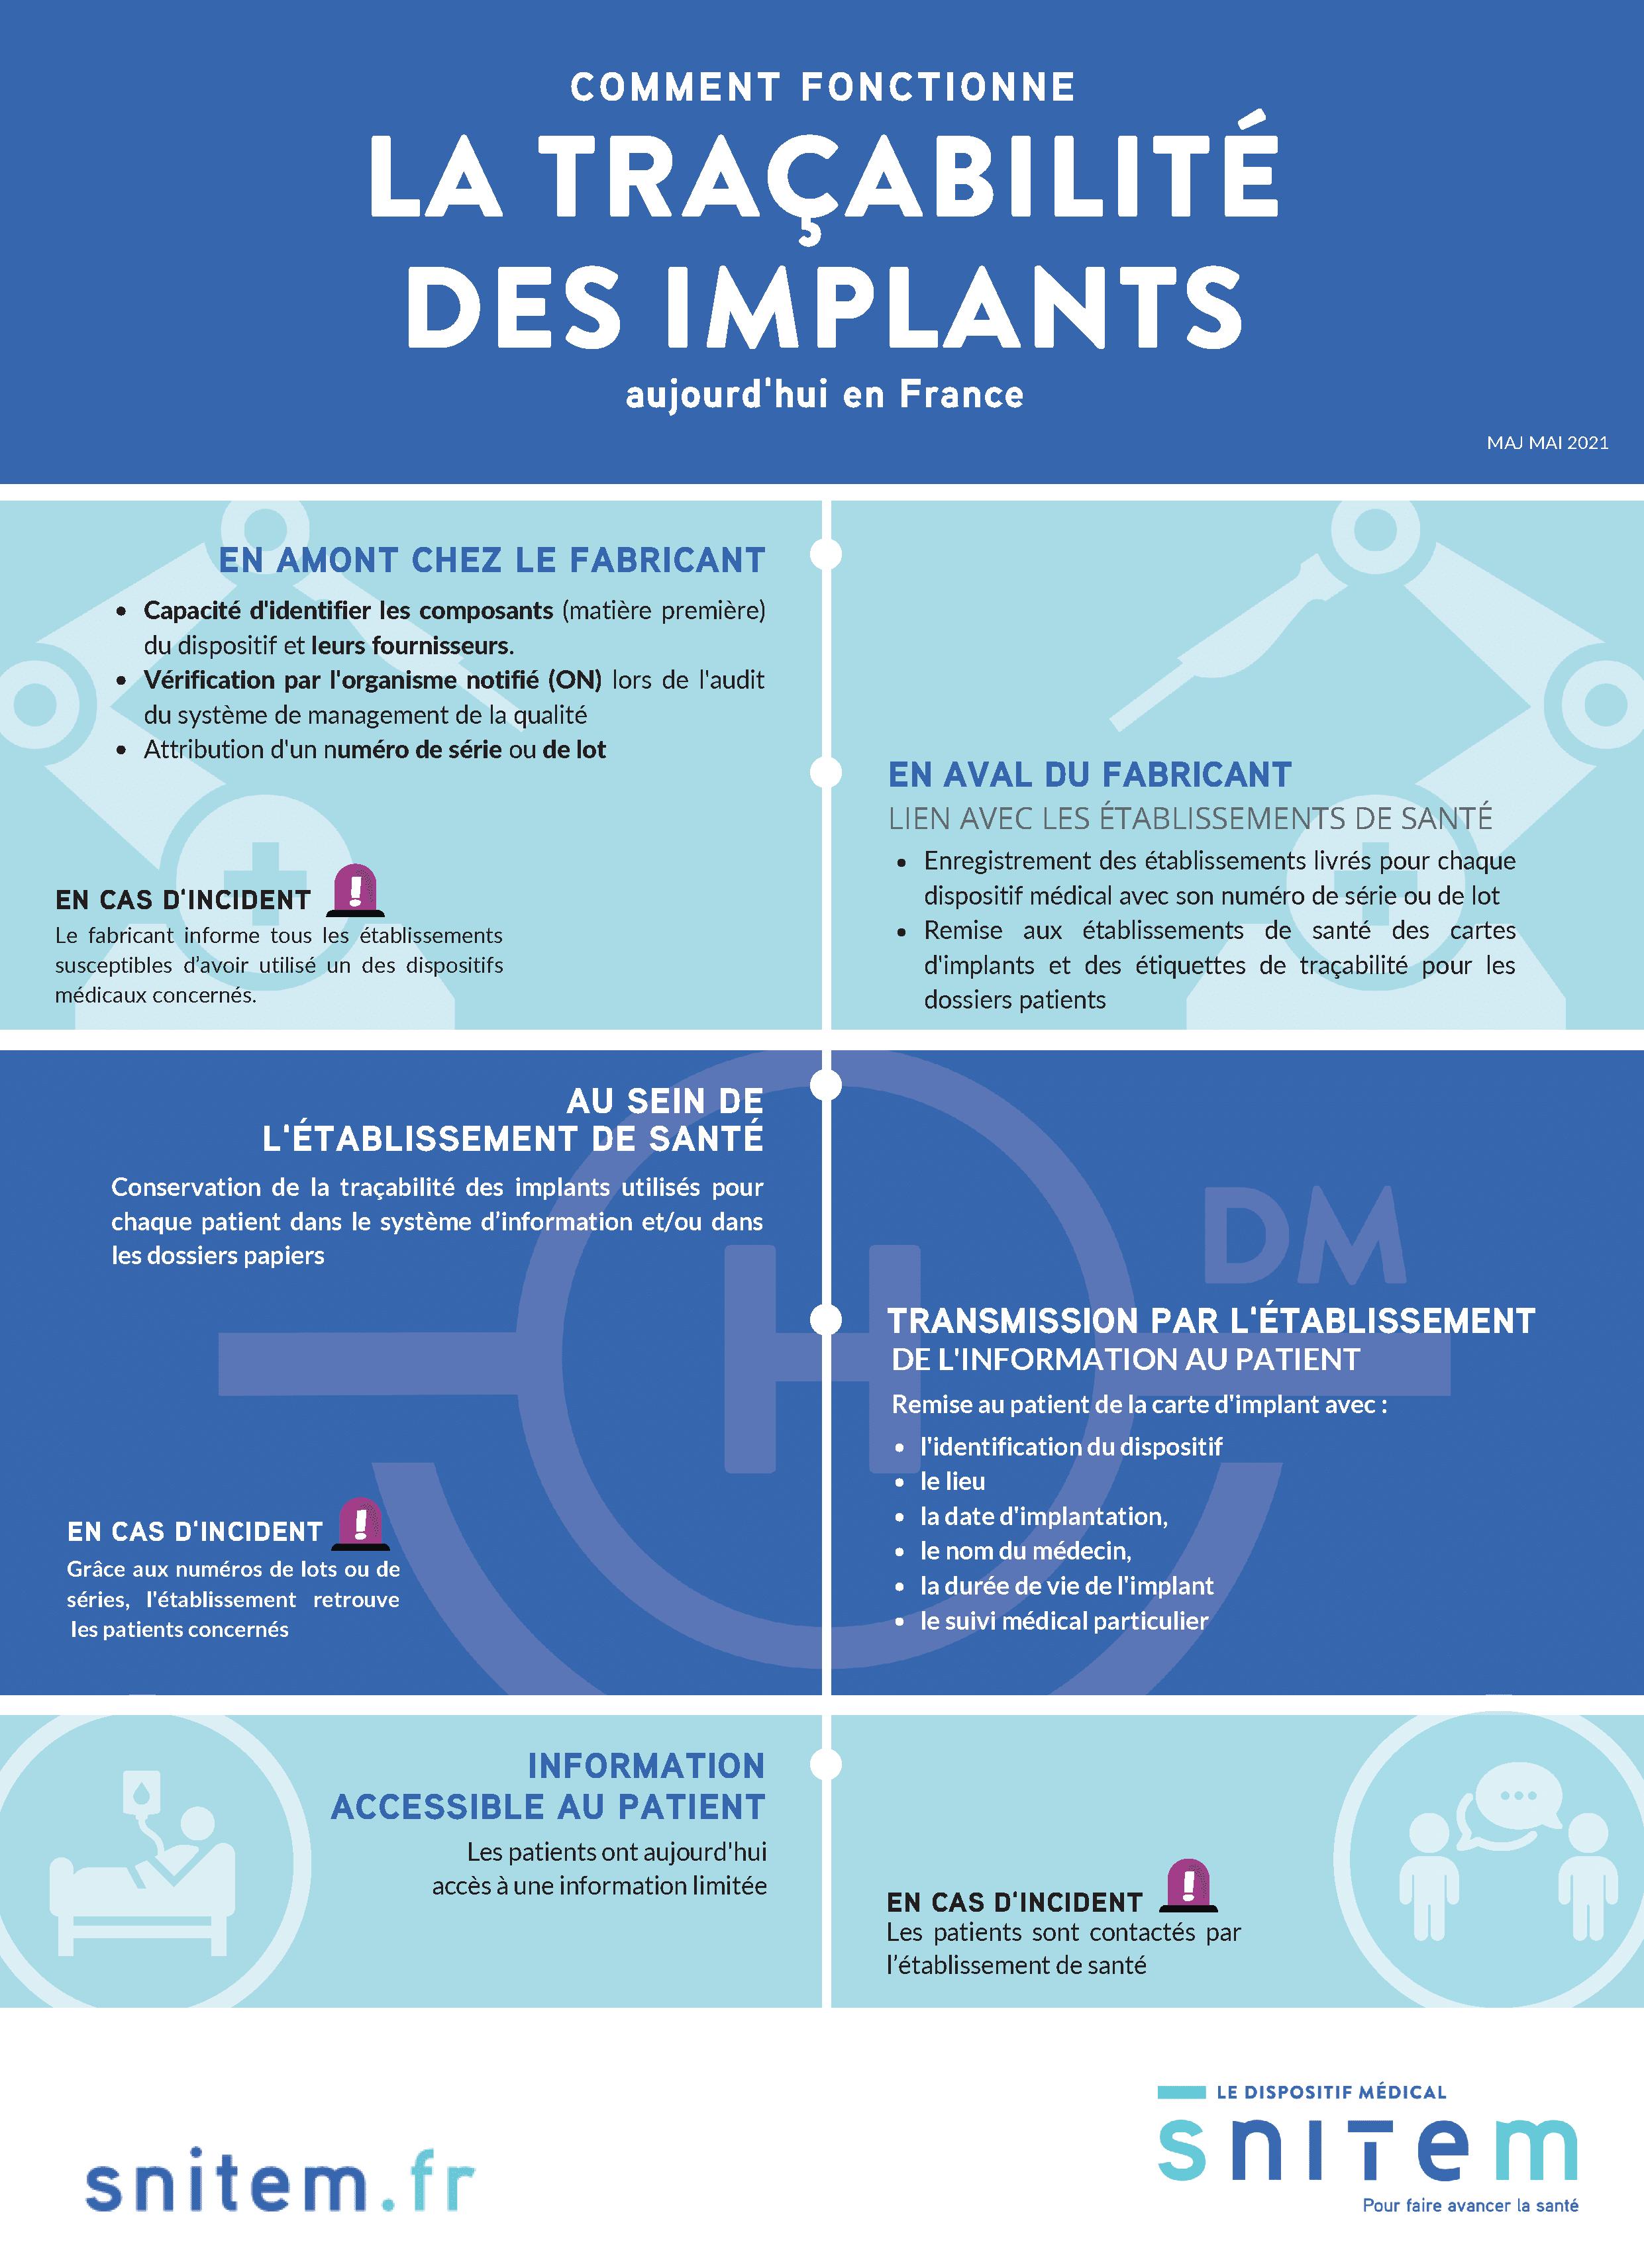 Traçabilité des implants